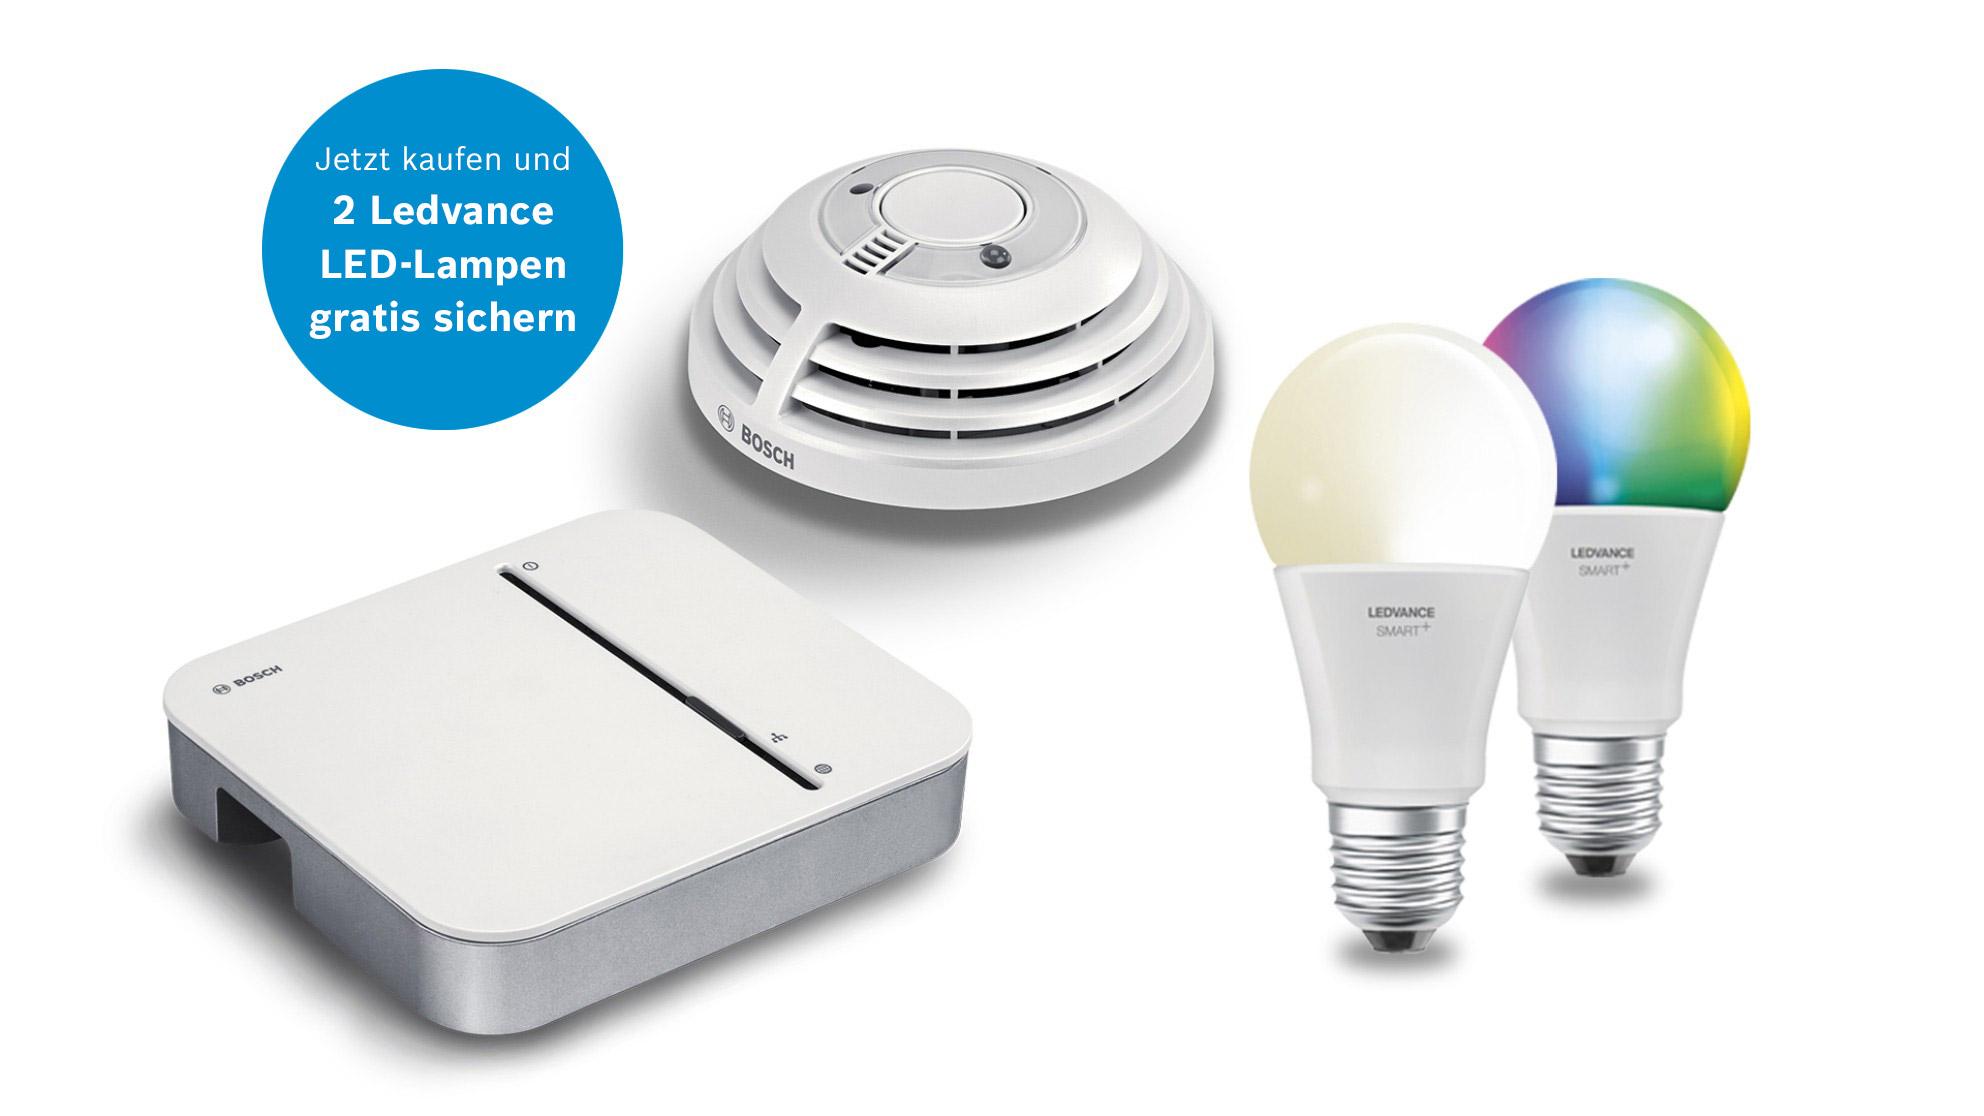 Bosch & Ledvance Starter Kit  Brandschutz